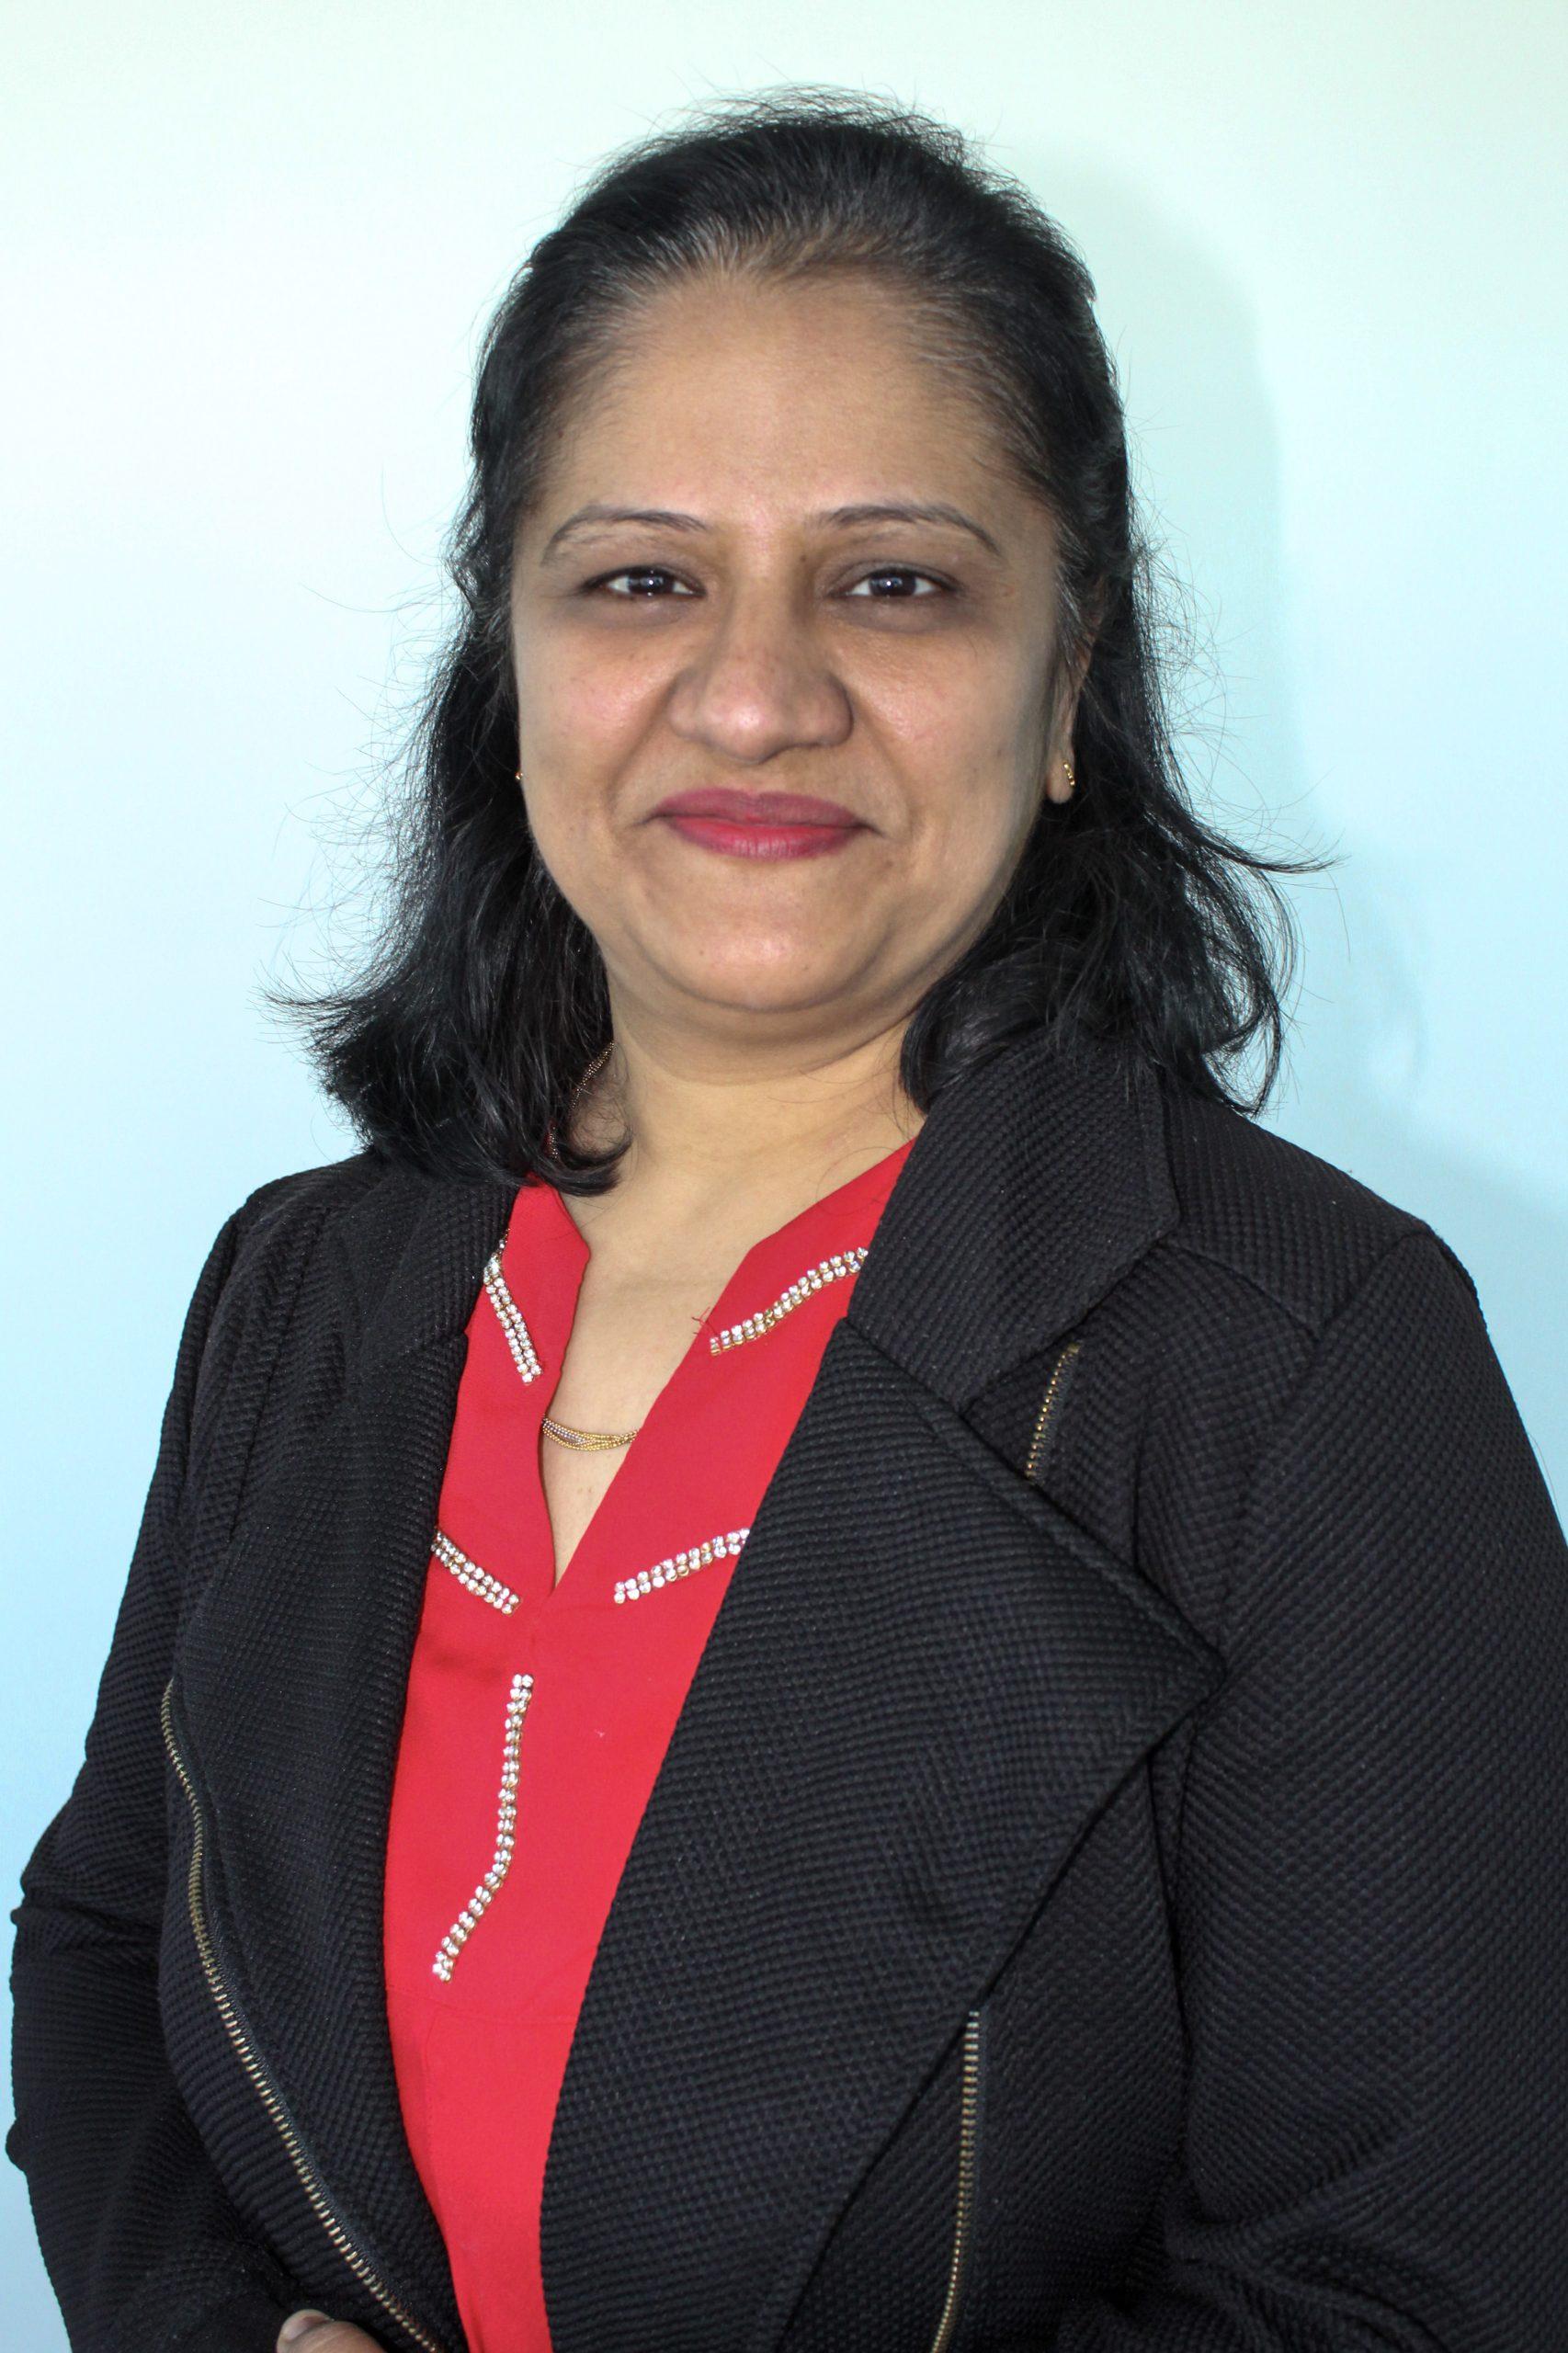 Tanya Prakash Menghrajani